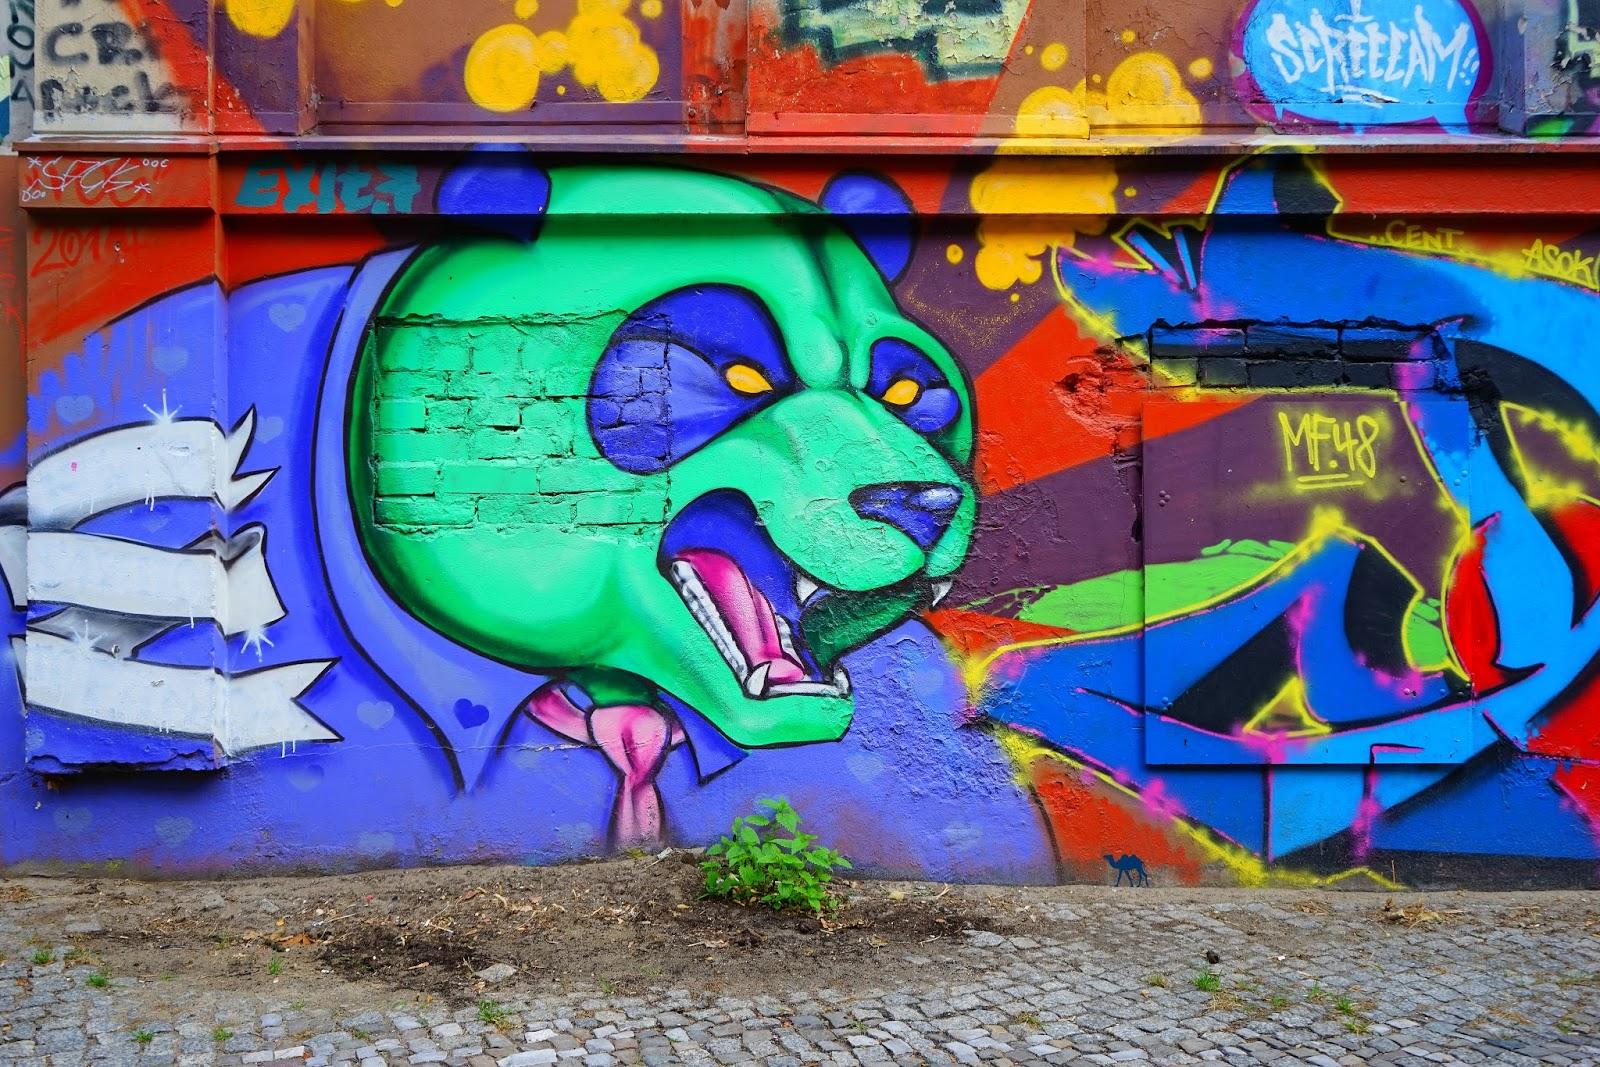 Le Chameau Bleu - Street Art - Angry Panda